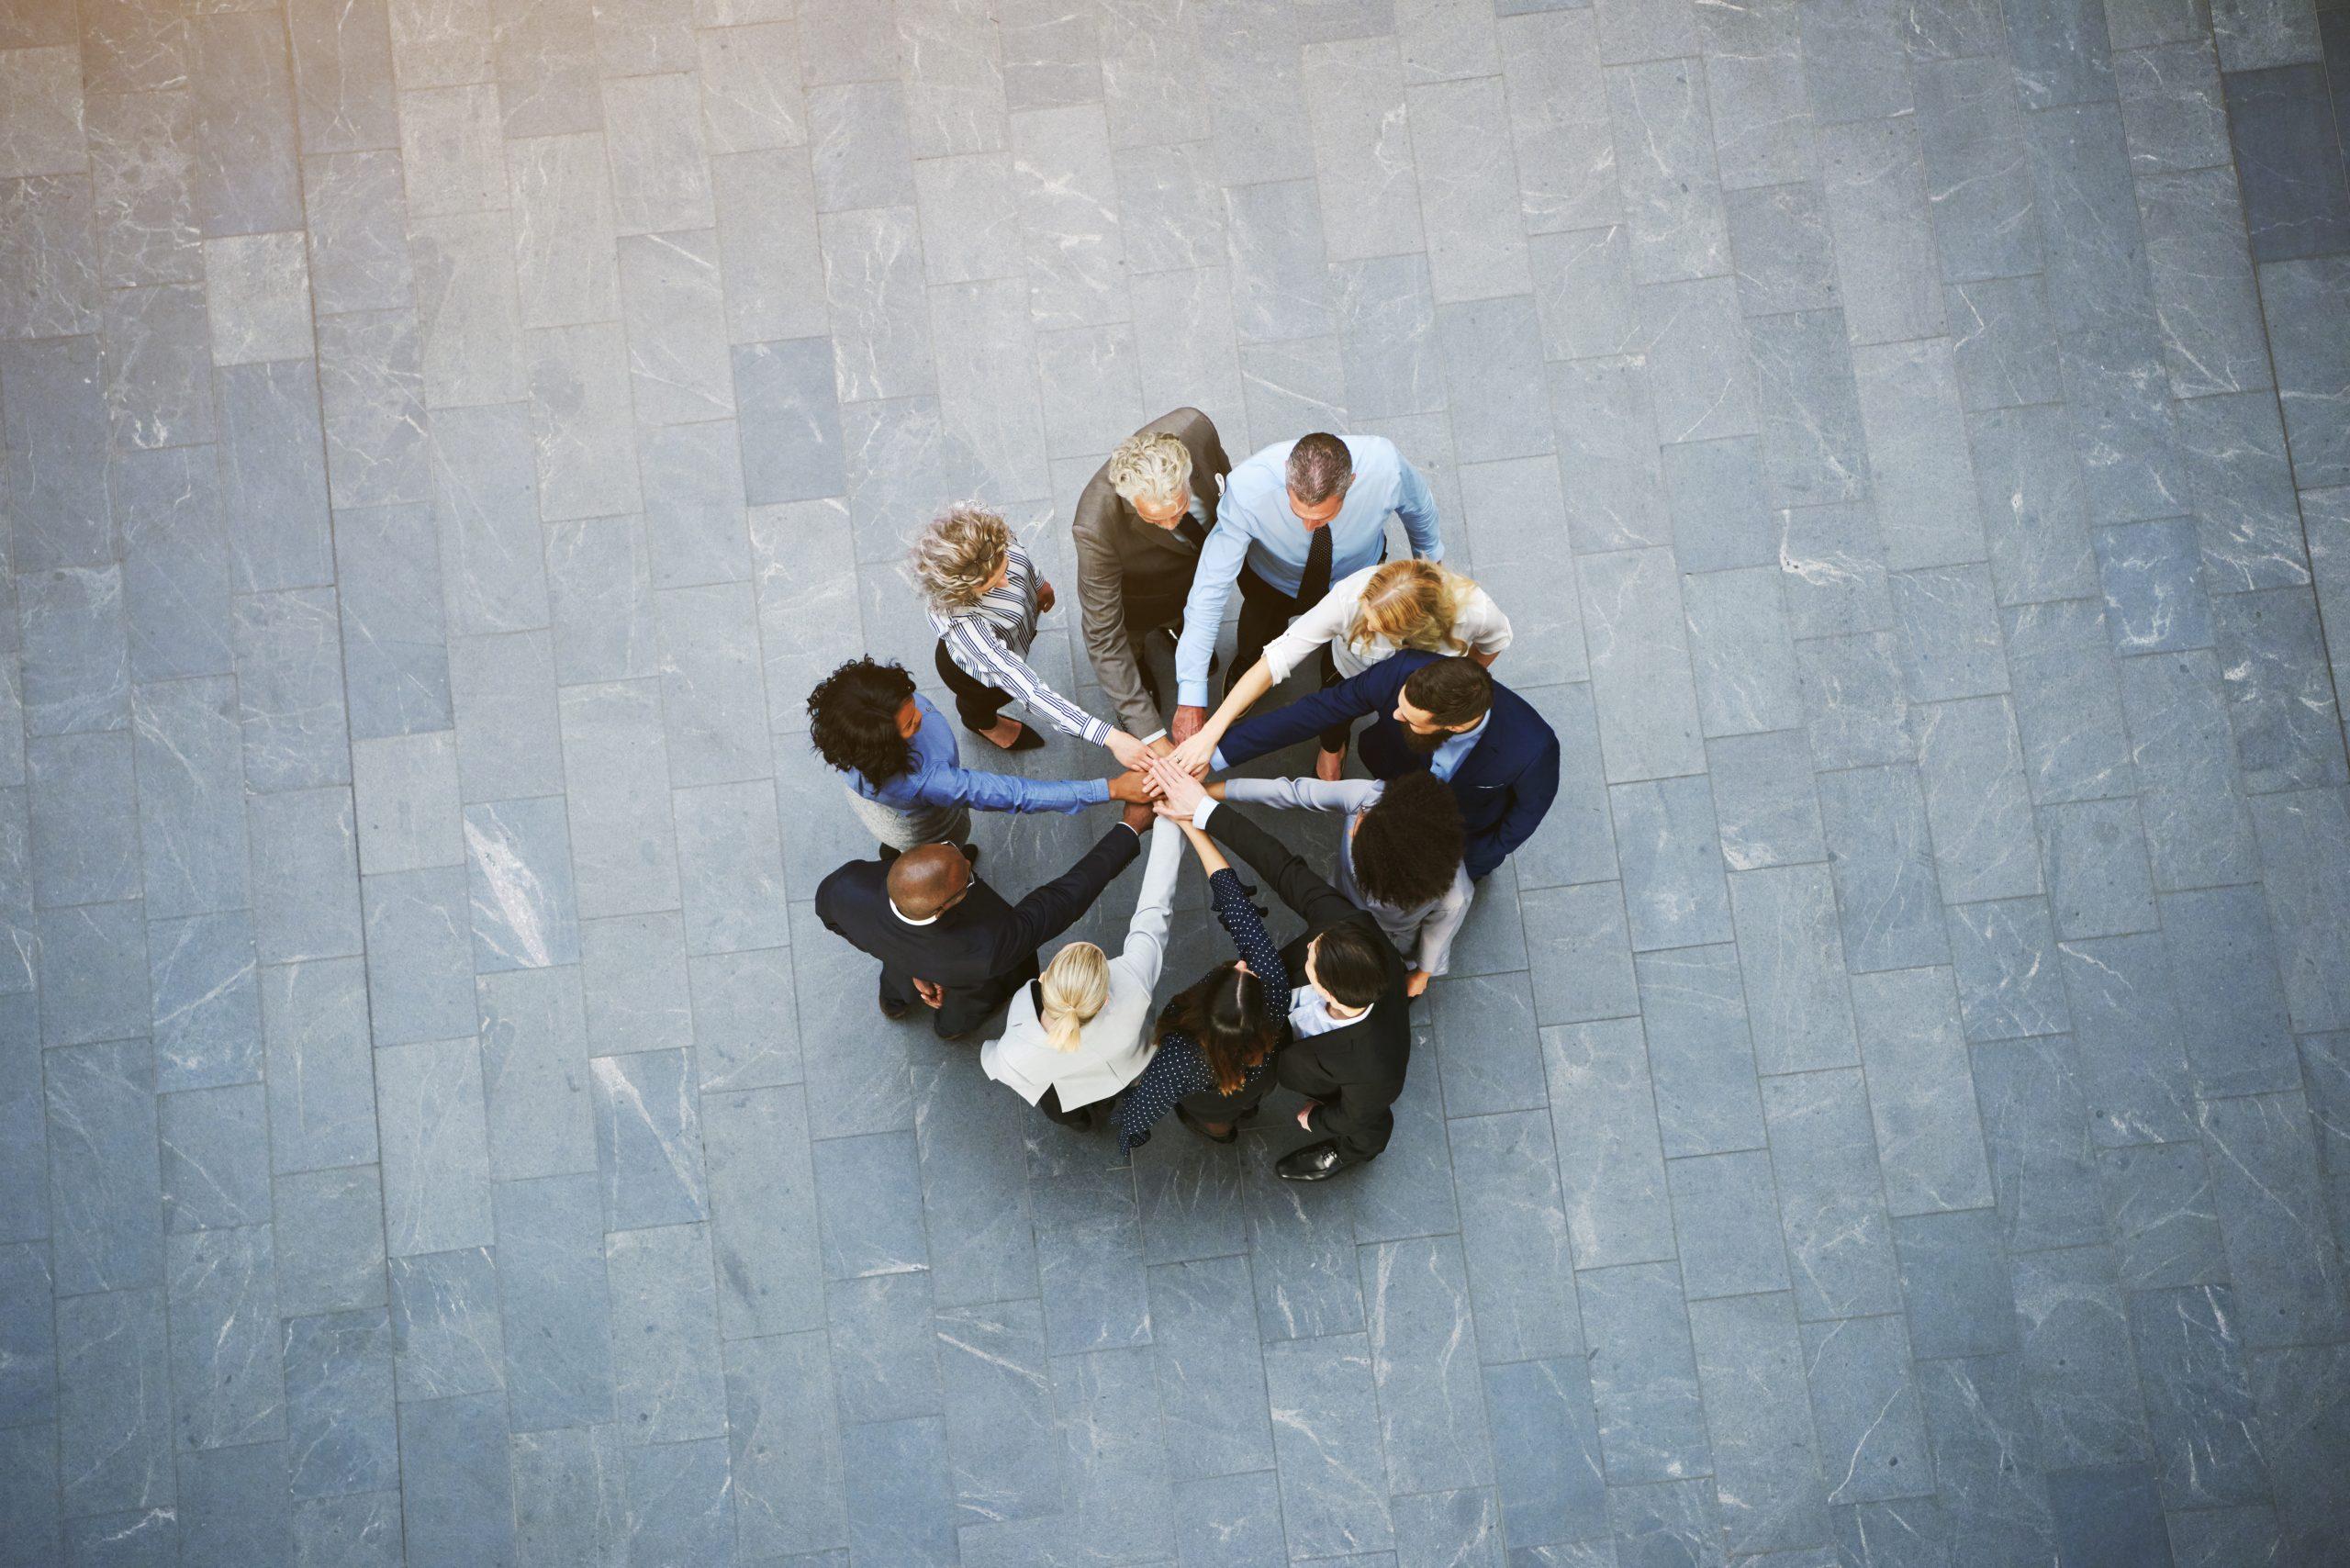 Mitarbeiter (c) Shutterstock